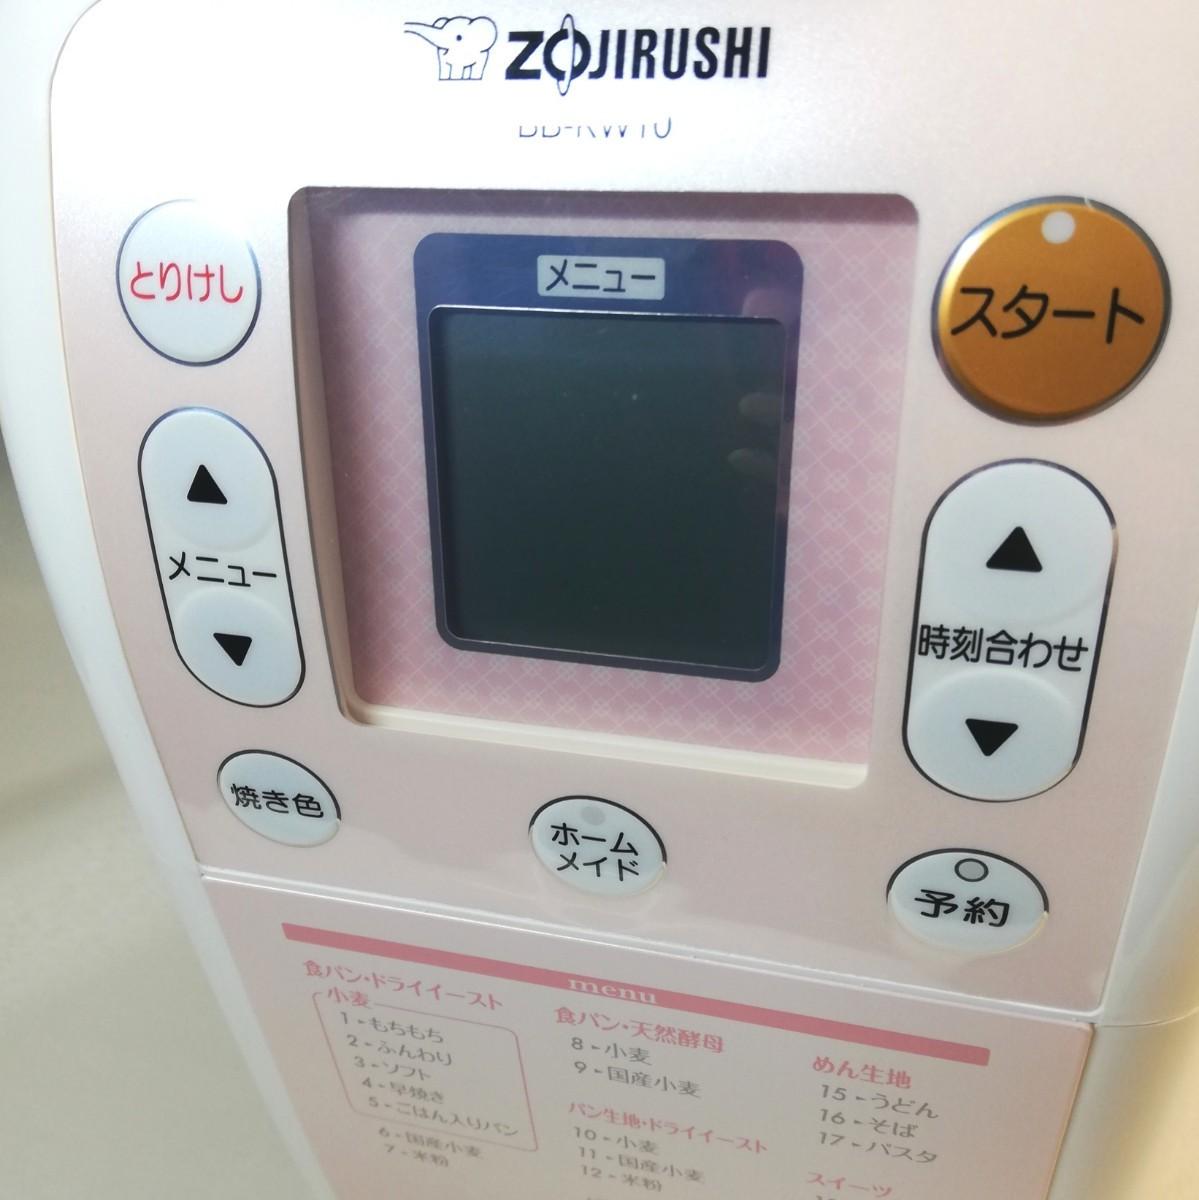 象印 ZOJIRUSHI 自動ホームベーカリー(BB-KW10)